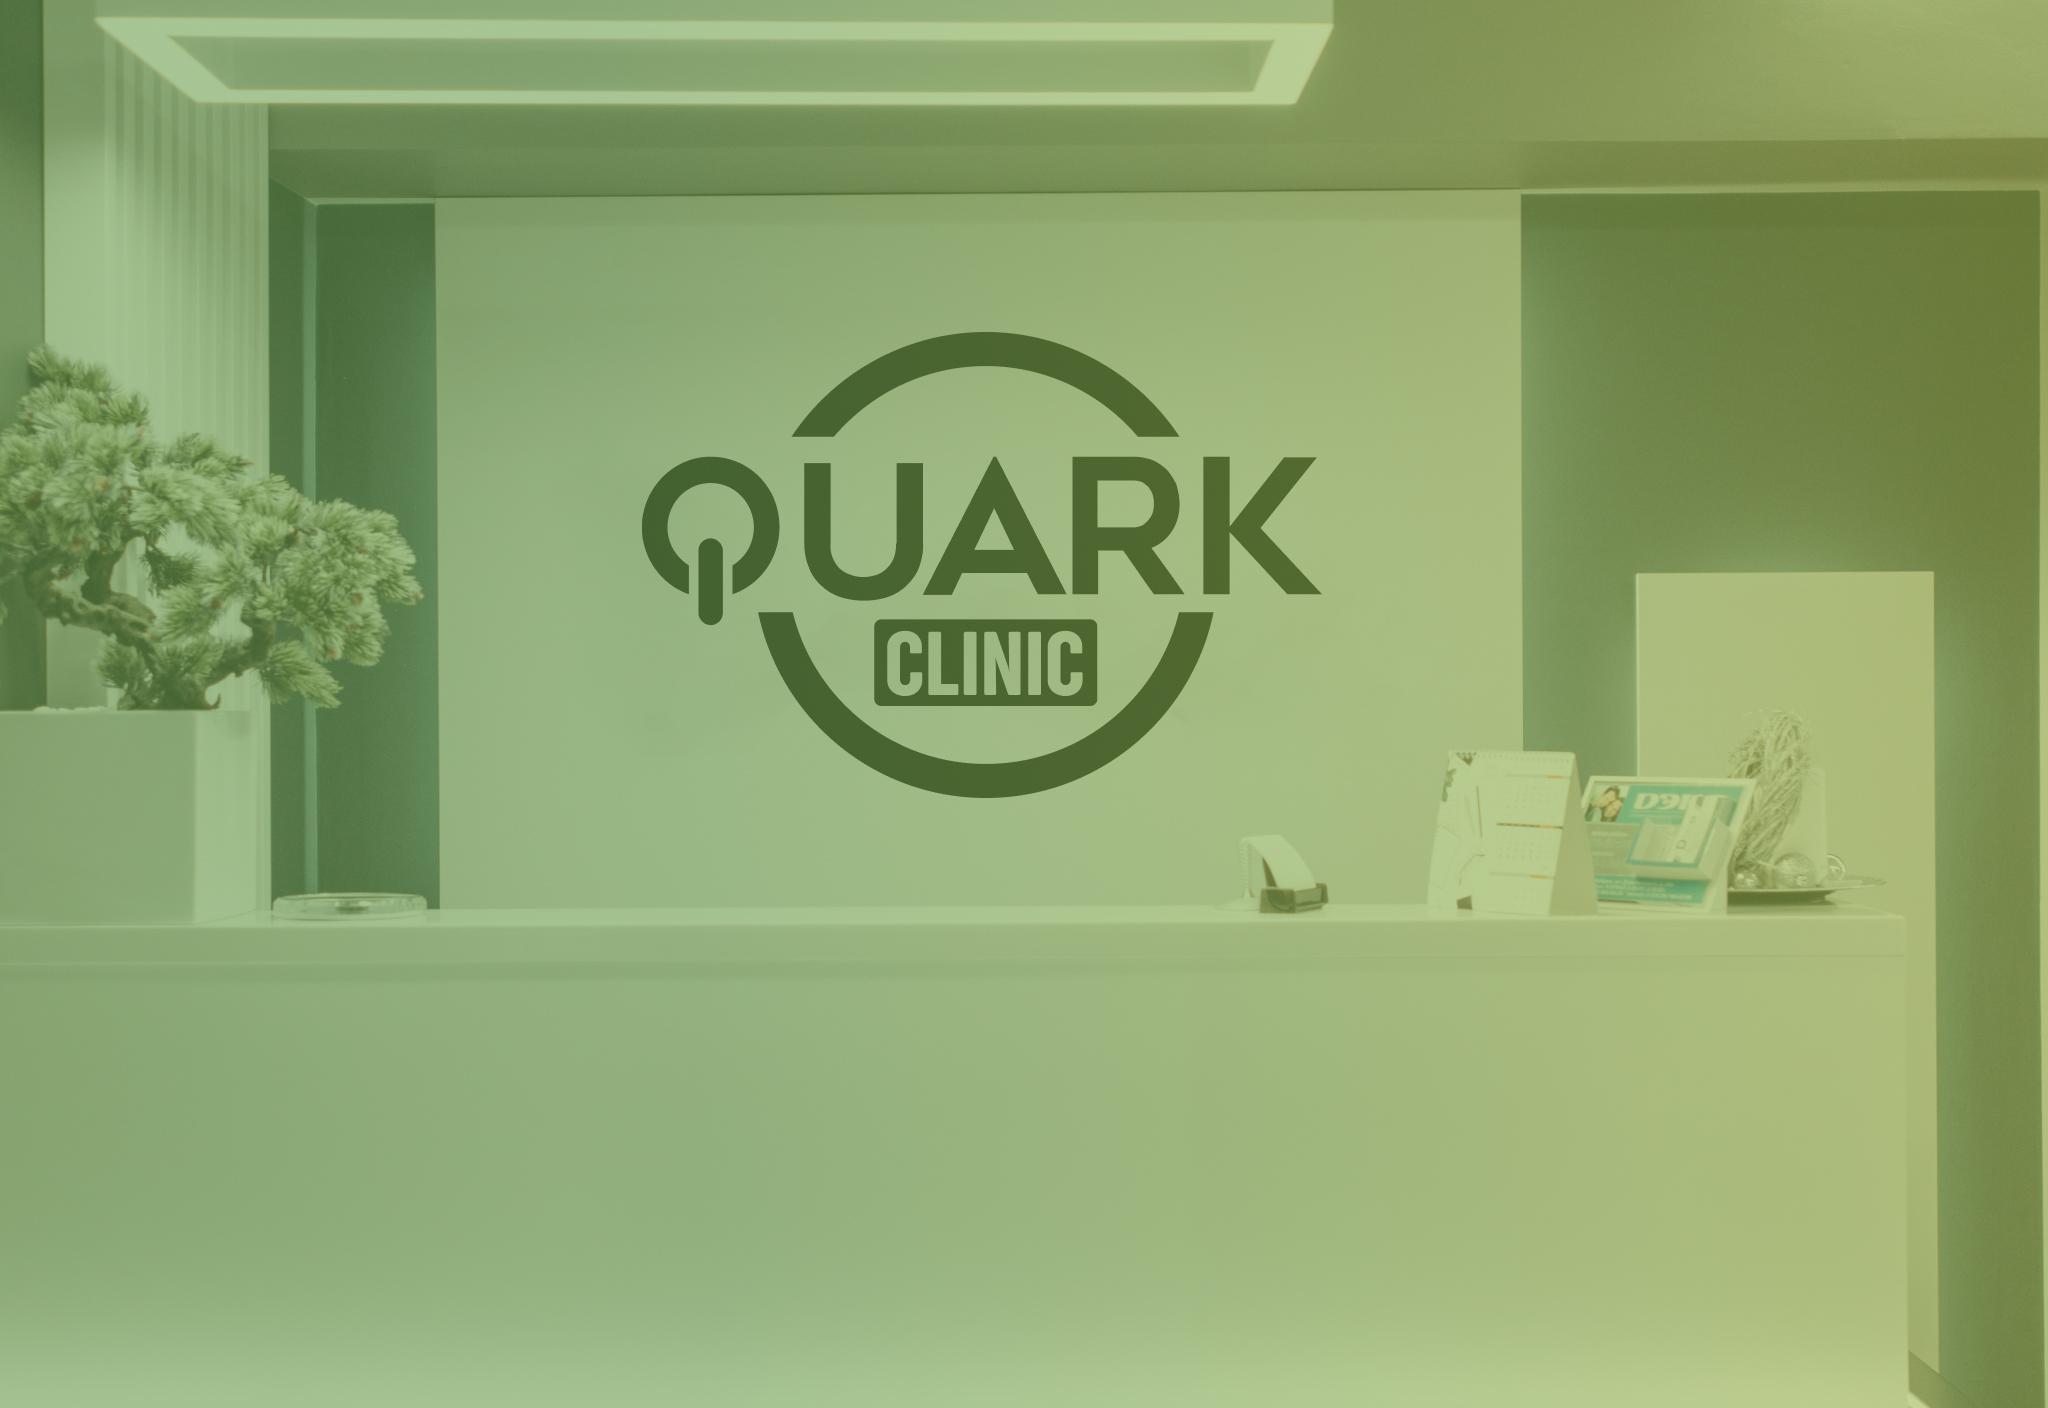 3 dicas para aproveitar o período de reformas ou manutenção da sua clínica